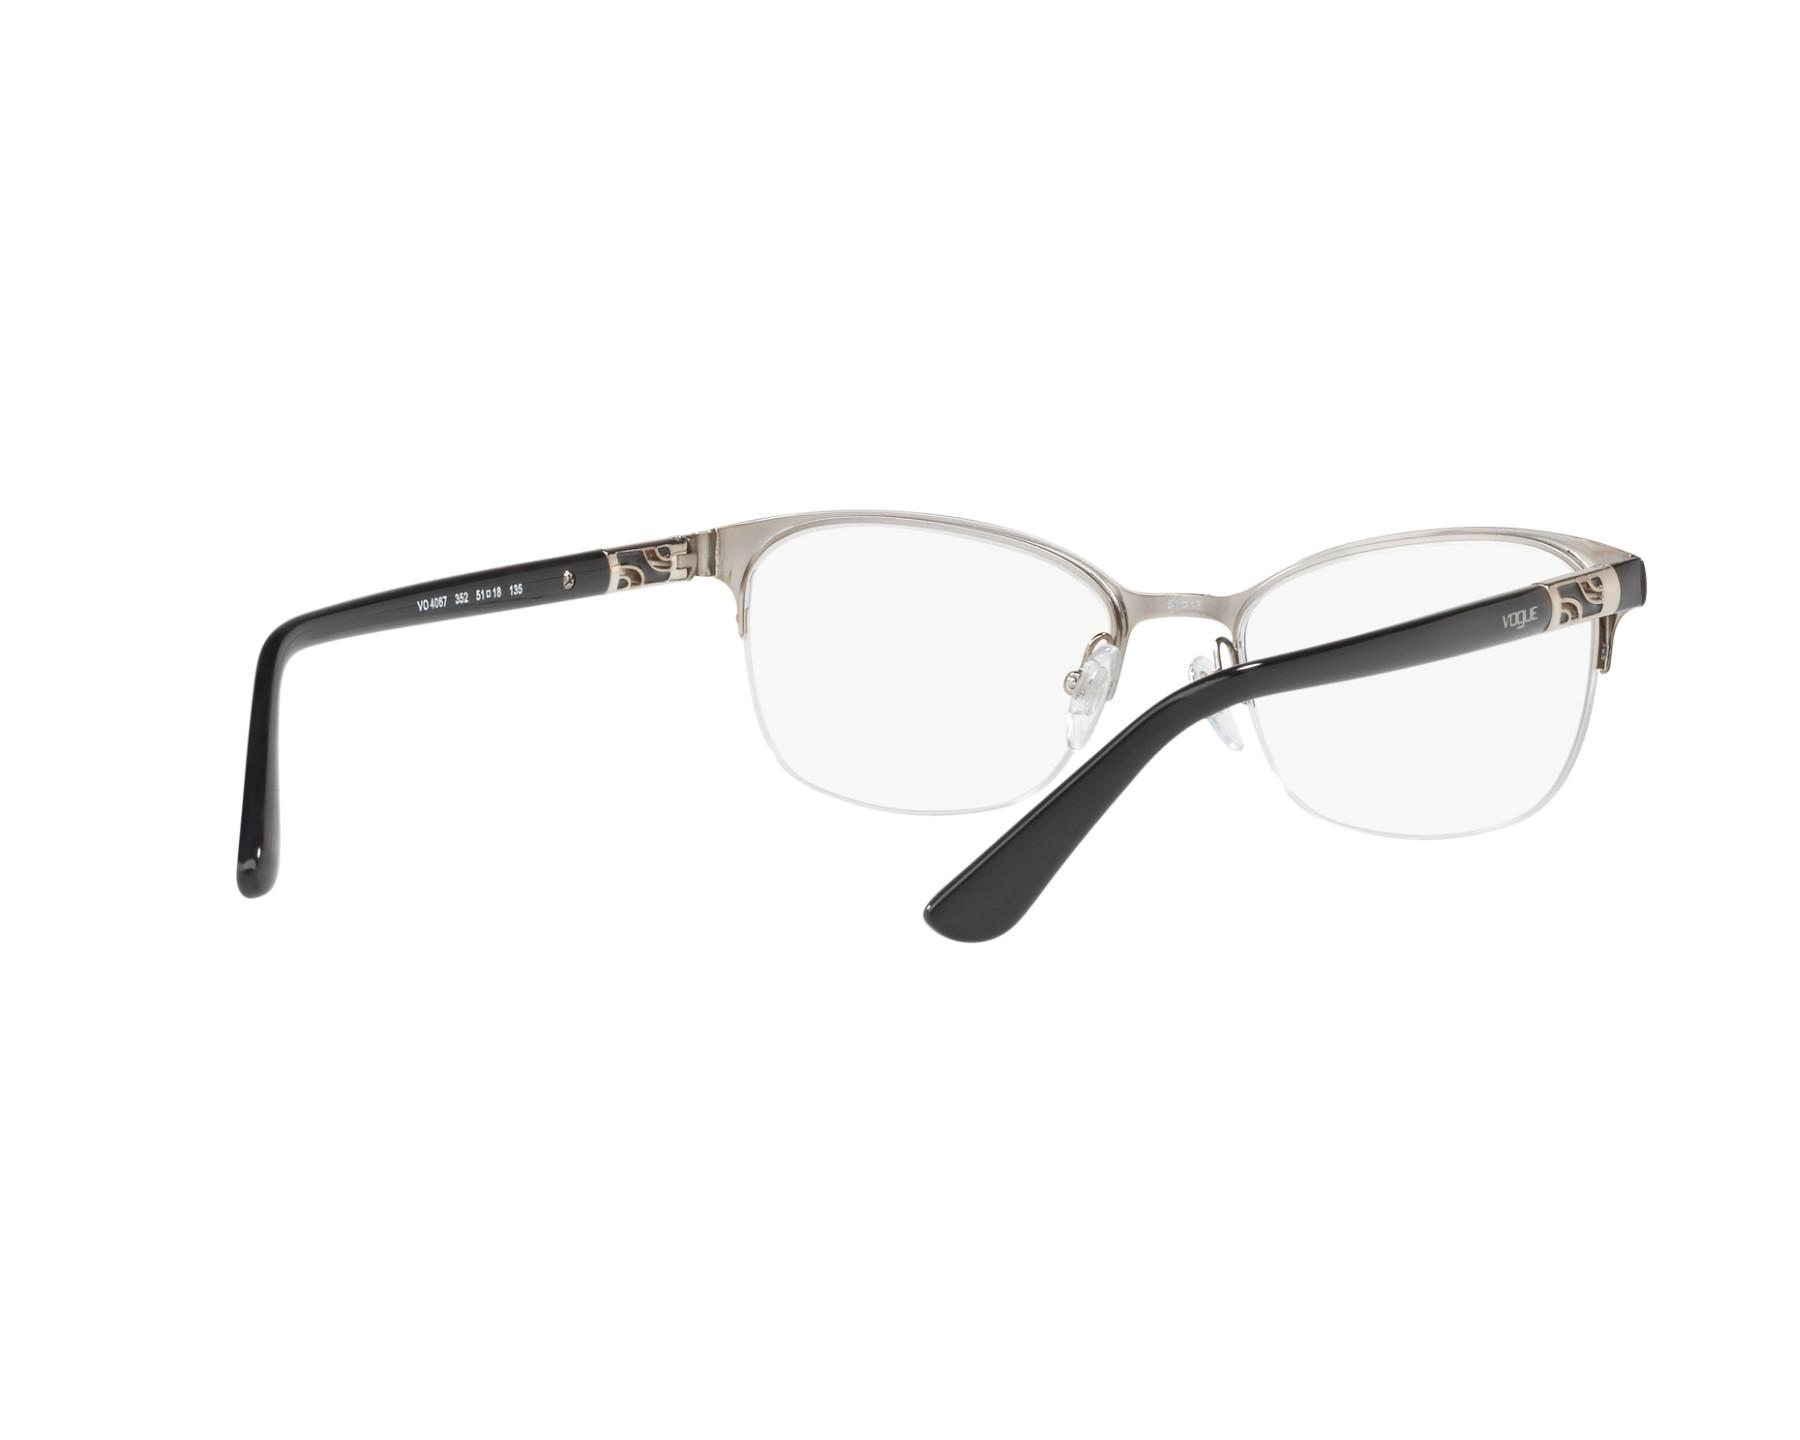 4f36443150 eyeglasses Vogue VO-4067 352 - Black Silver 360 degree view 8